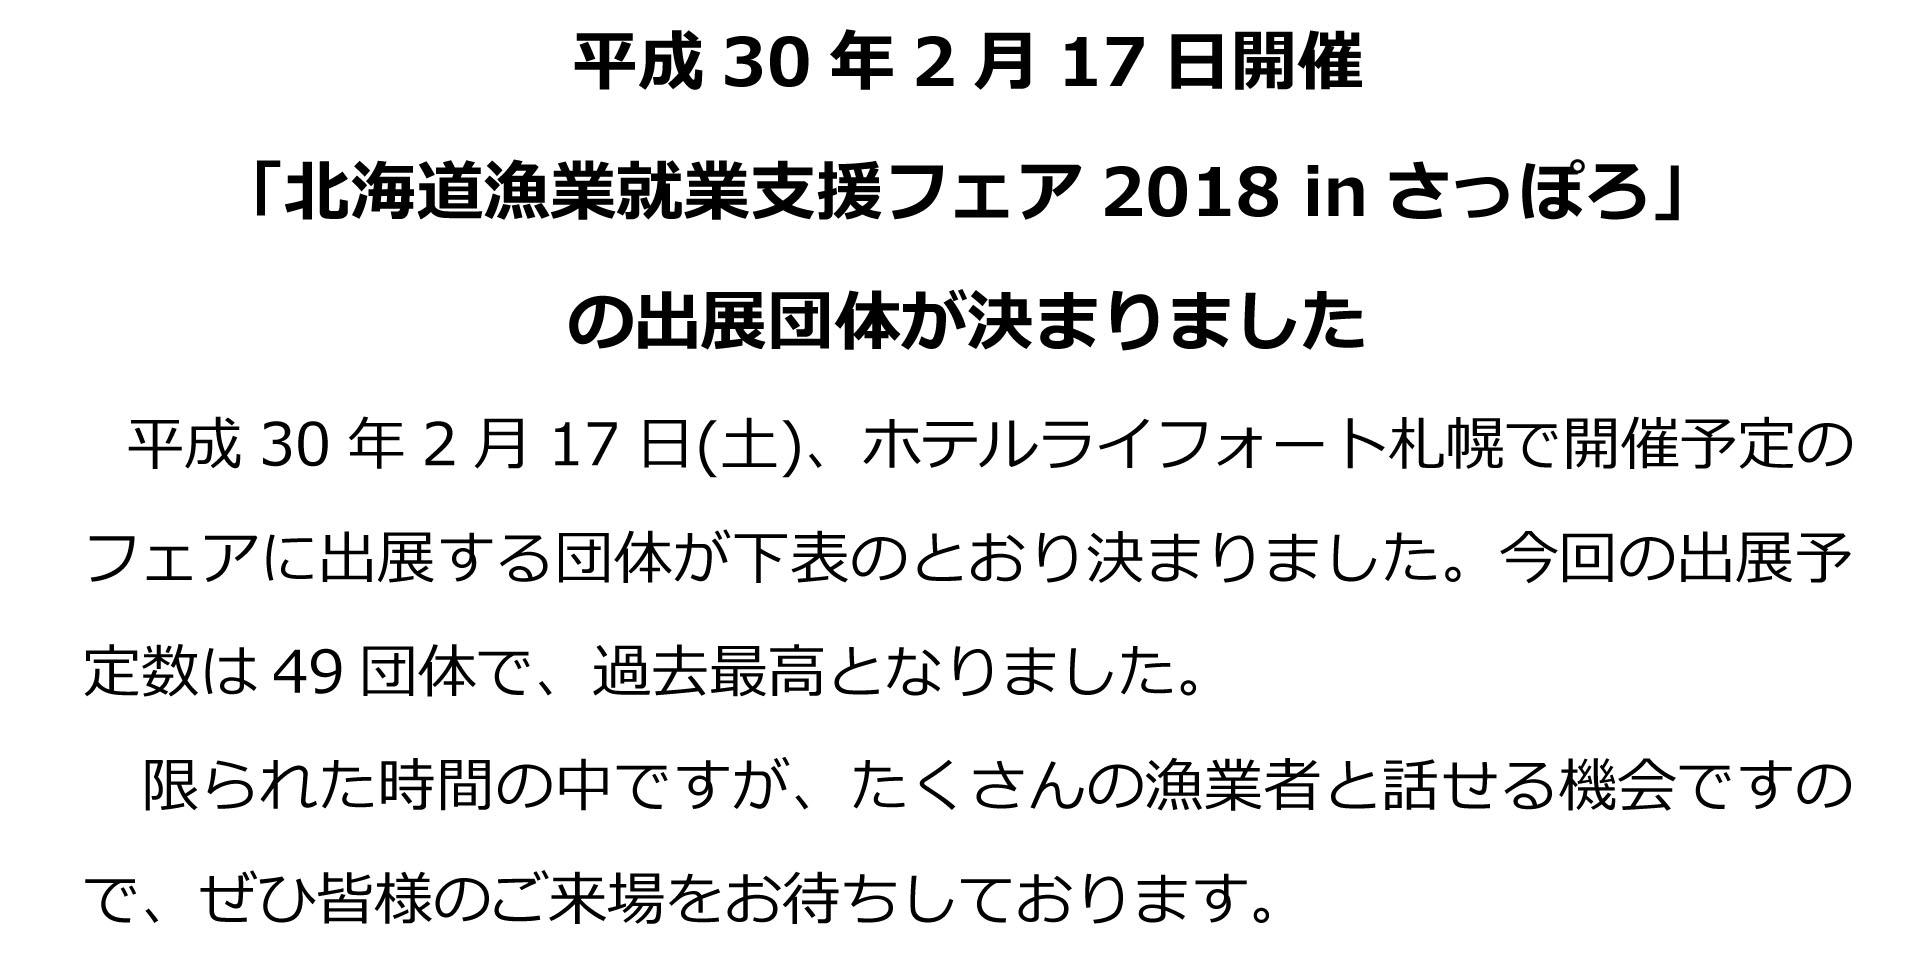 北海道漁業就業支援フェア2018